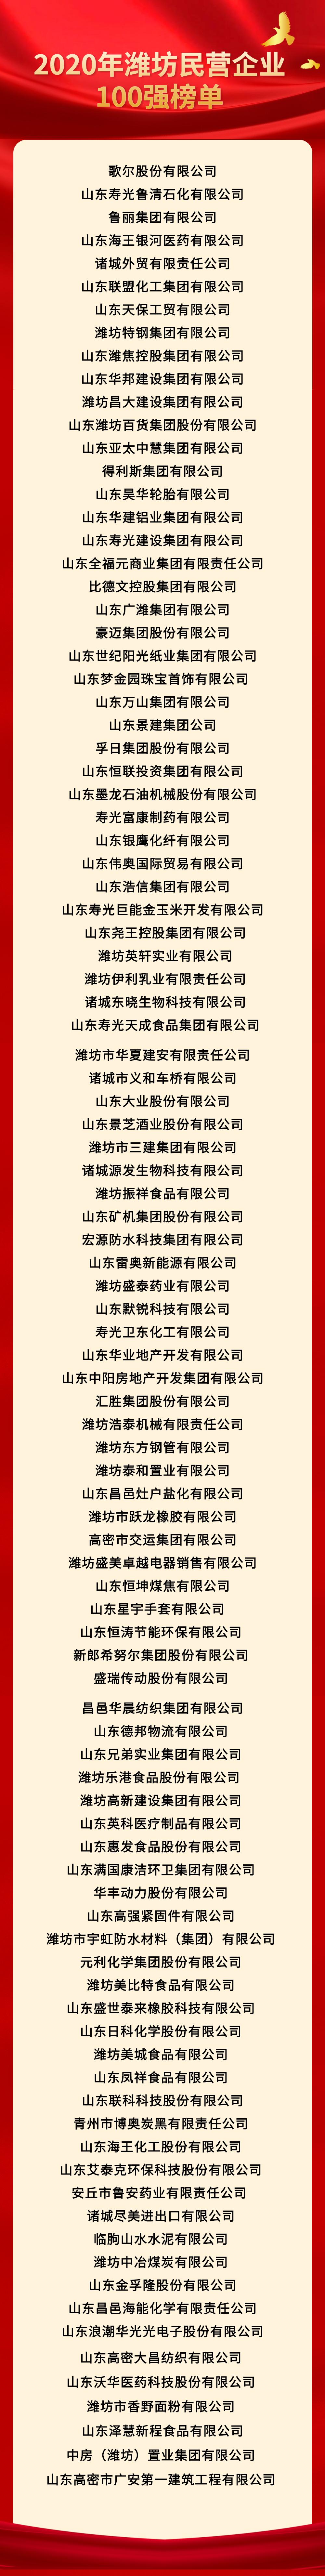 2020年潍坊民营企业100强榜单